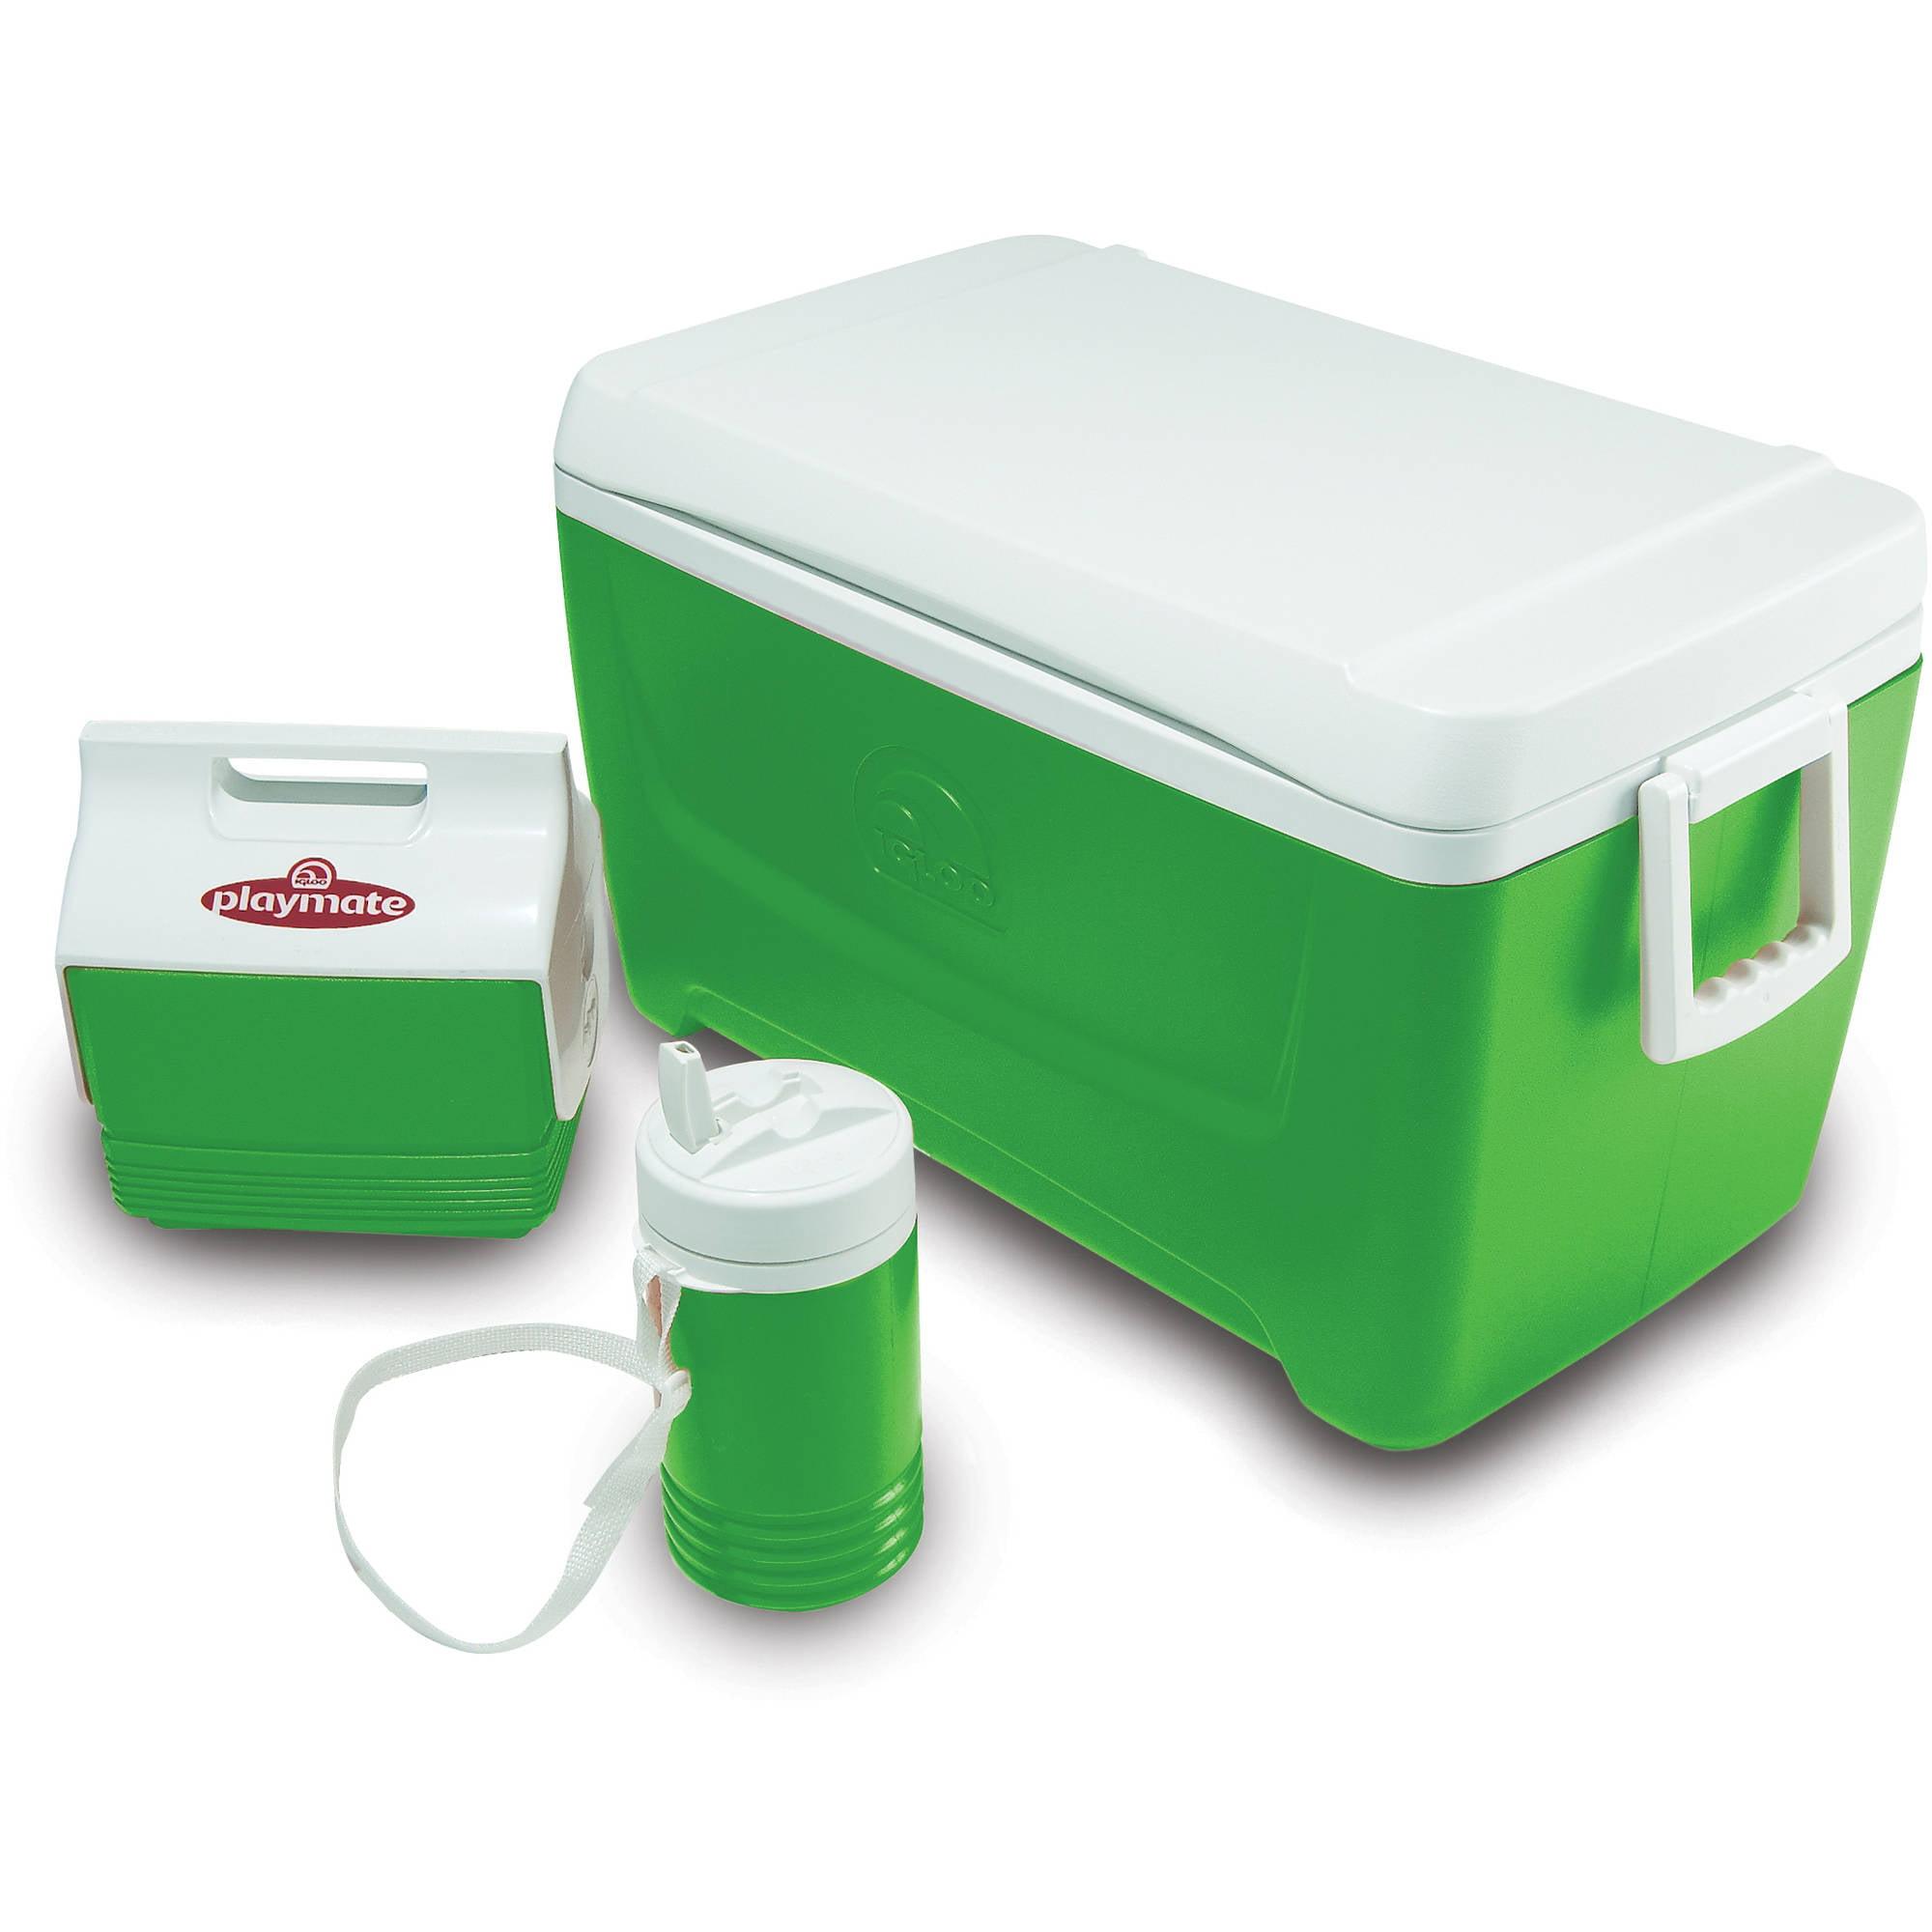 Igloo 48-Quart IB Cooler with Playmate Mini and Legend 1-Quart Jug